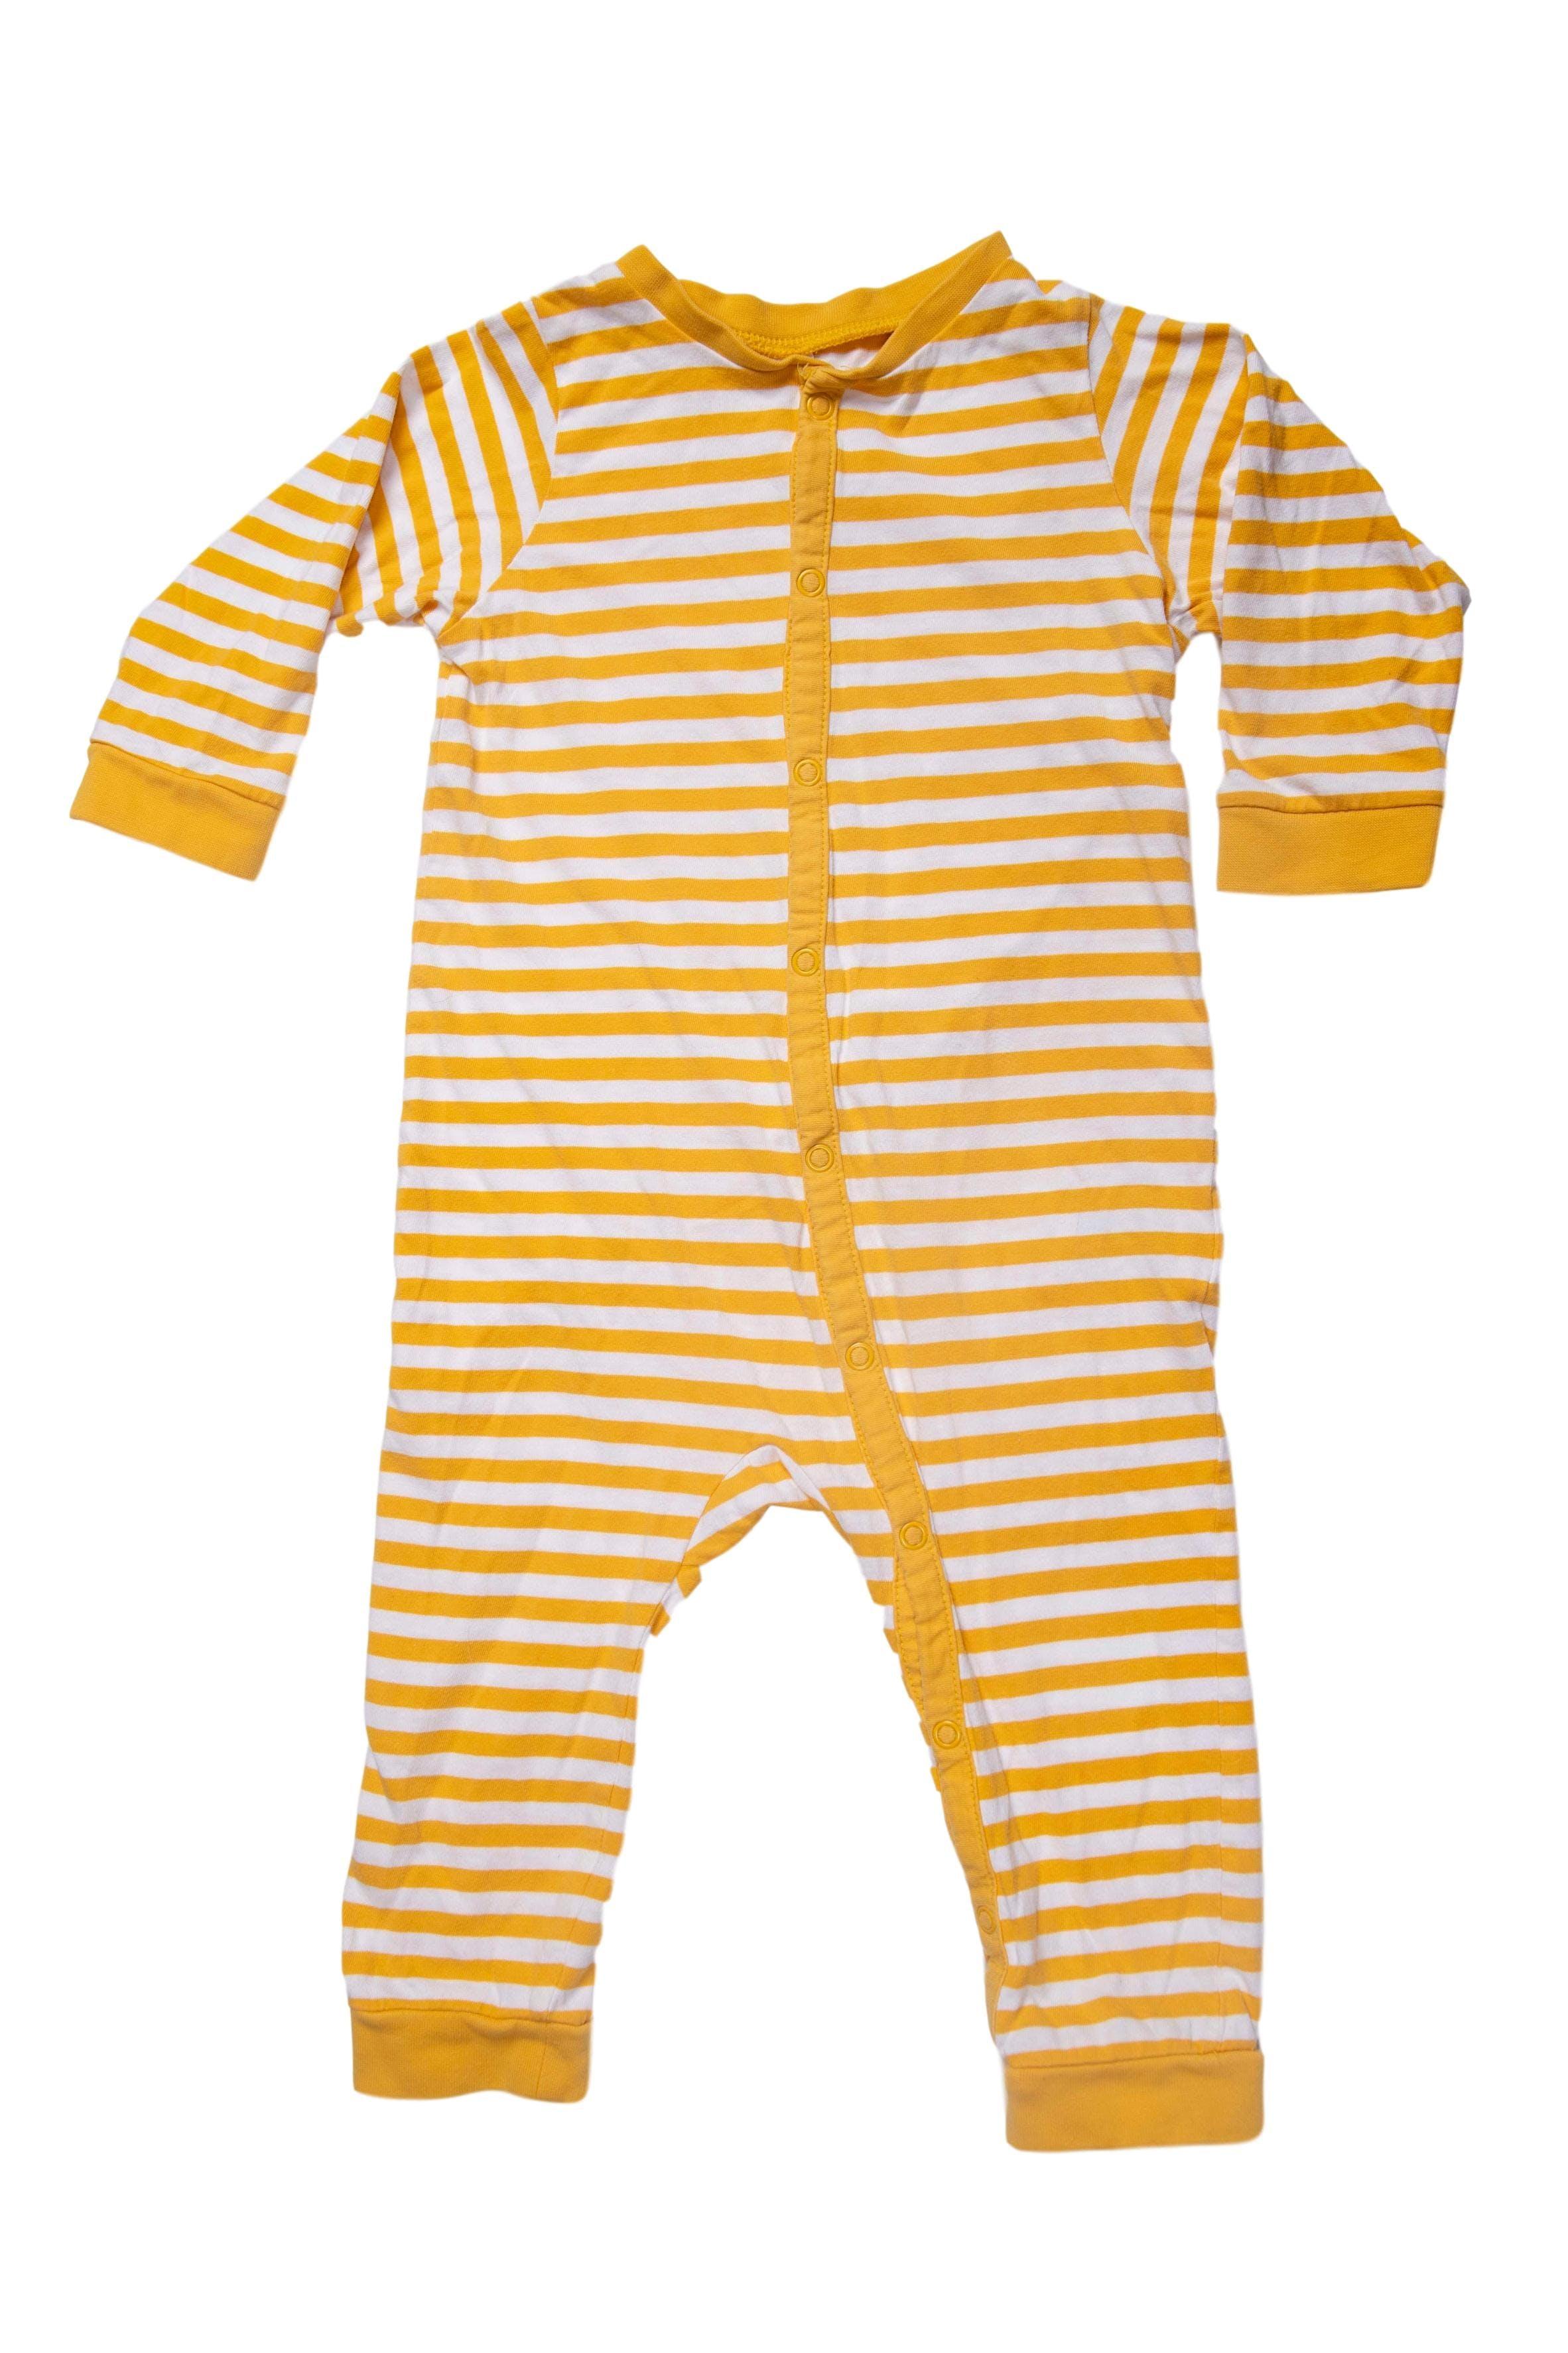 pijama manga larga, algodón, rayado amarillo y blanco - H & M